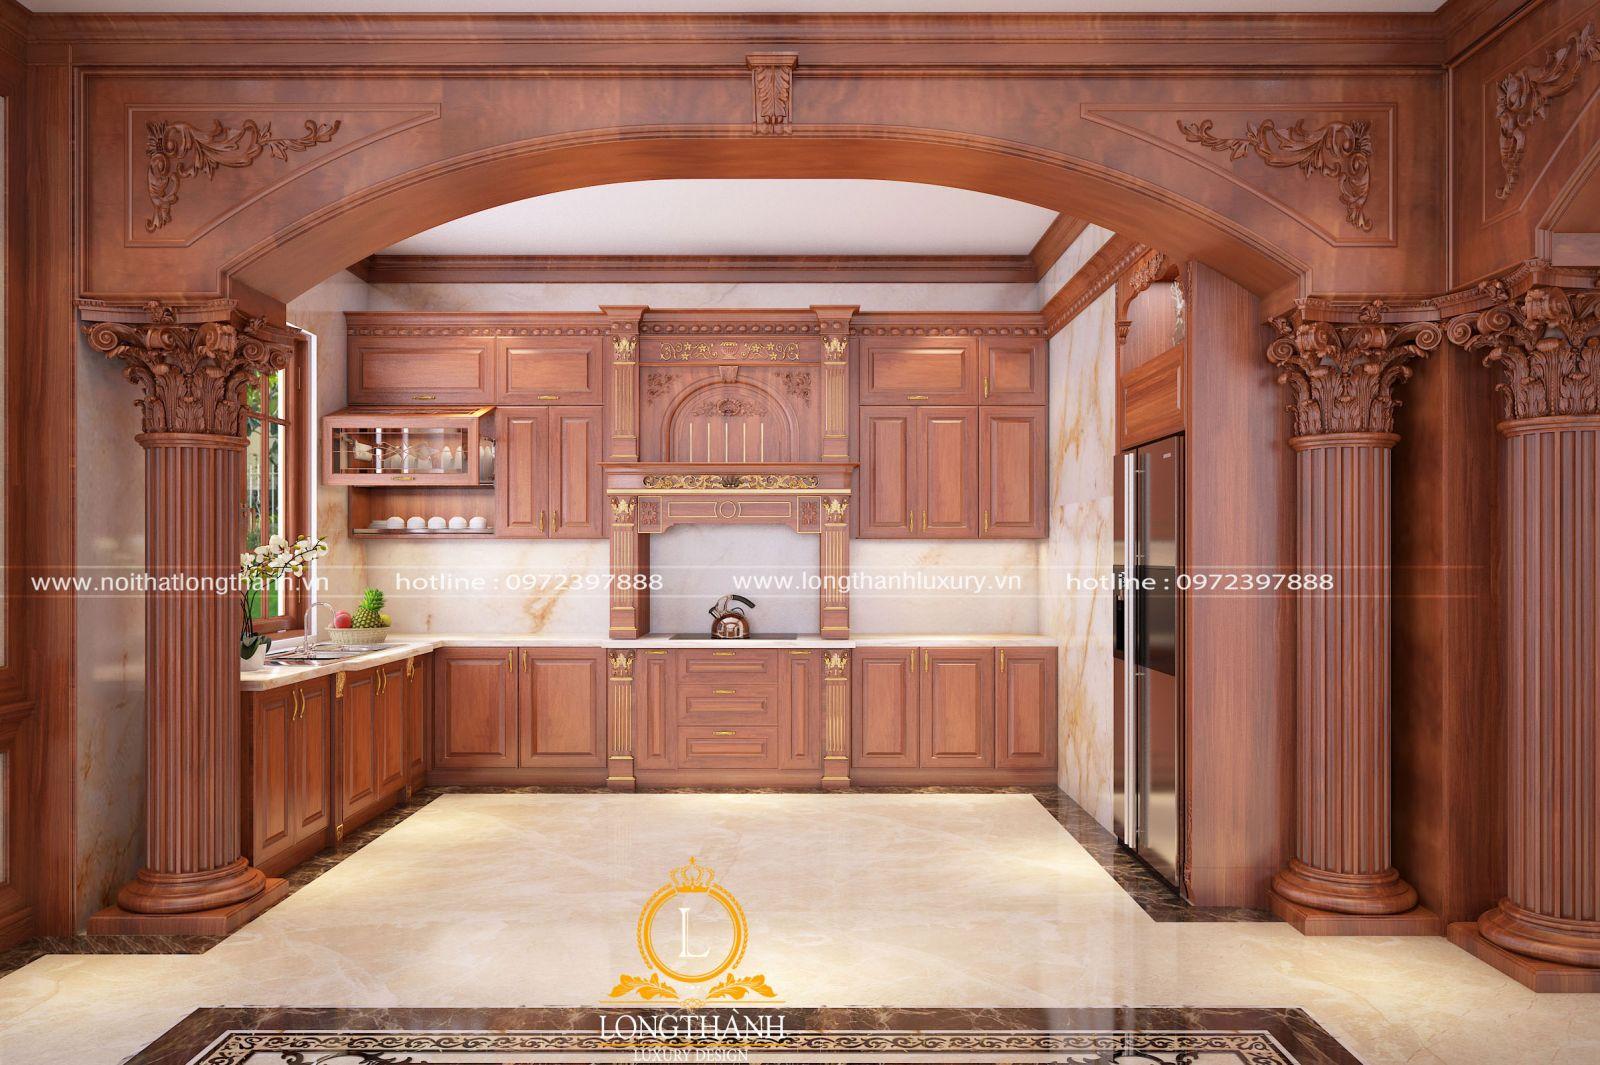 Thiết kế tủ bếp tân cổ điển gỗ Gõ với những đường nét hoa văn tinh tế